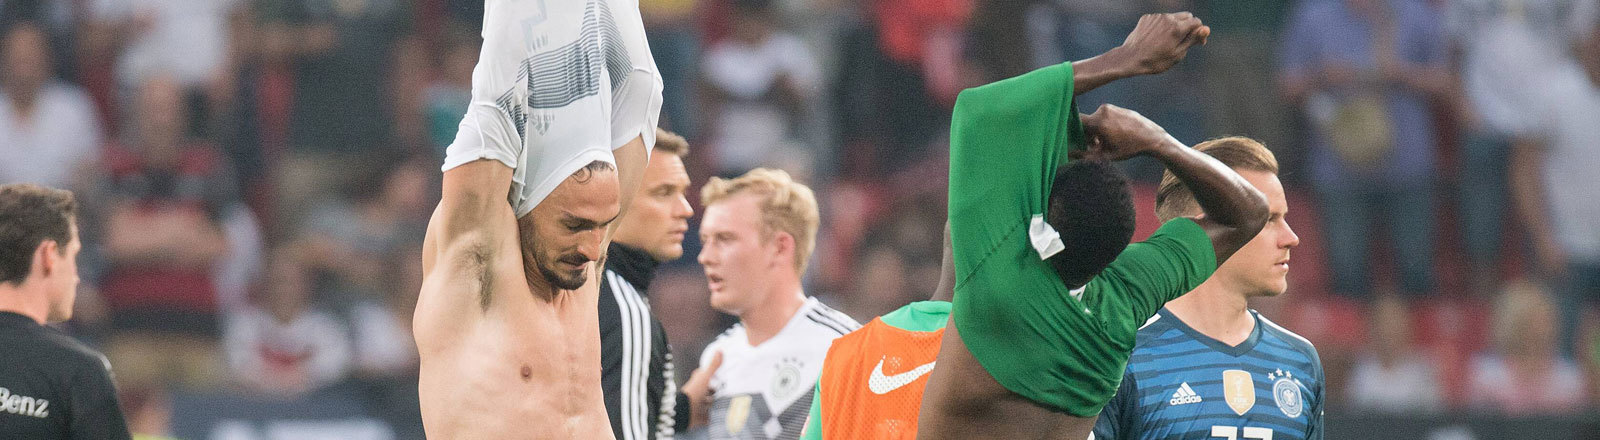 Mats Hummels und Yasir Alshahrani tauschen nach dem WM-Testspiel zwischen Deutschland und Saudi-Arabien ihre Trikots.